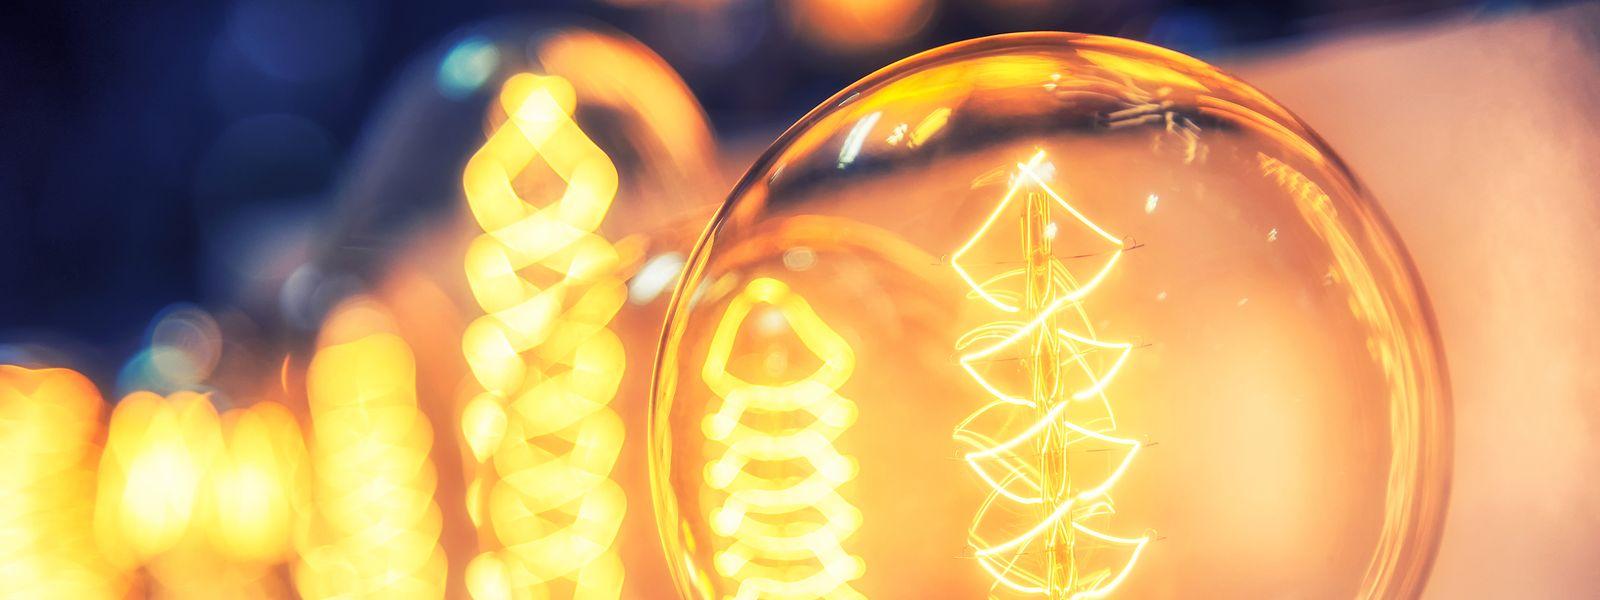 Les prix de l'électricité facturés aux clients résidentiels ont en moyenne augmenté de près de 10% par rapport à 2019.